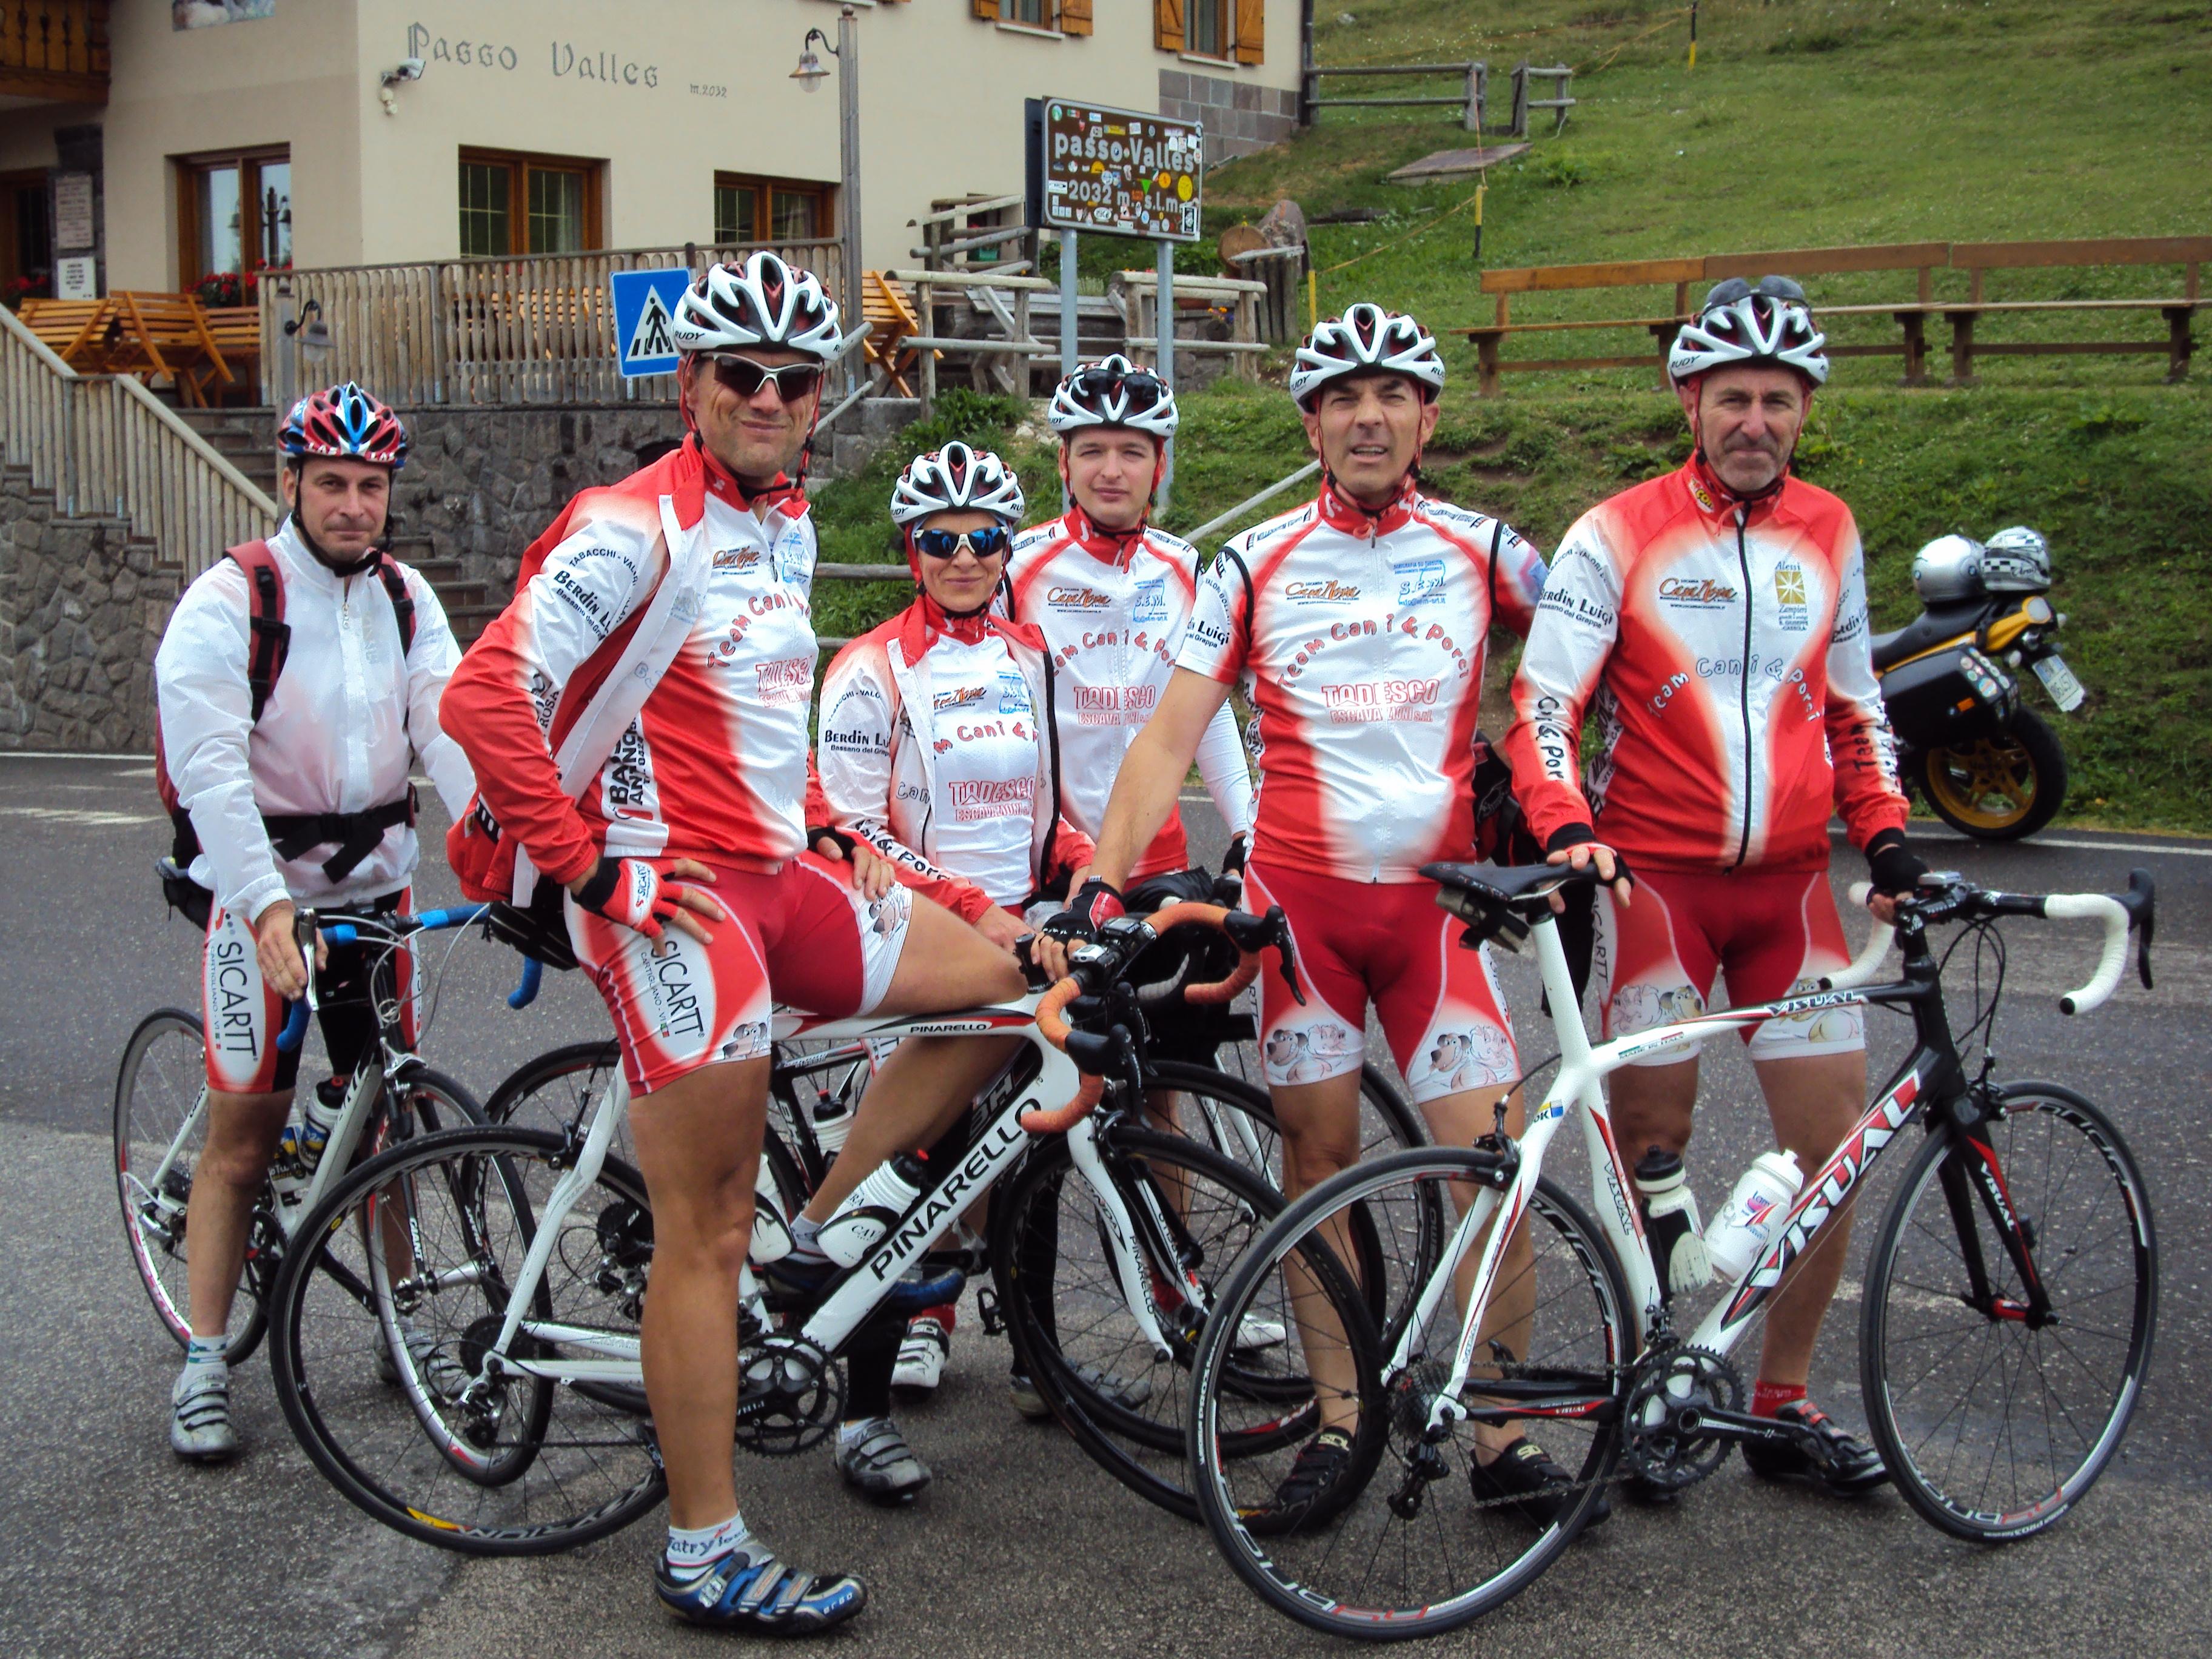 Passo Valles - luglio 2010